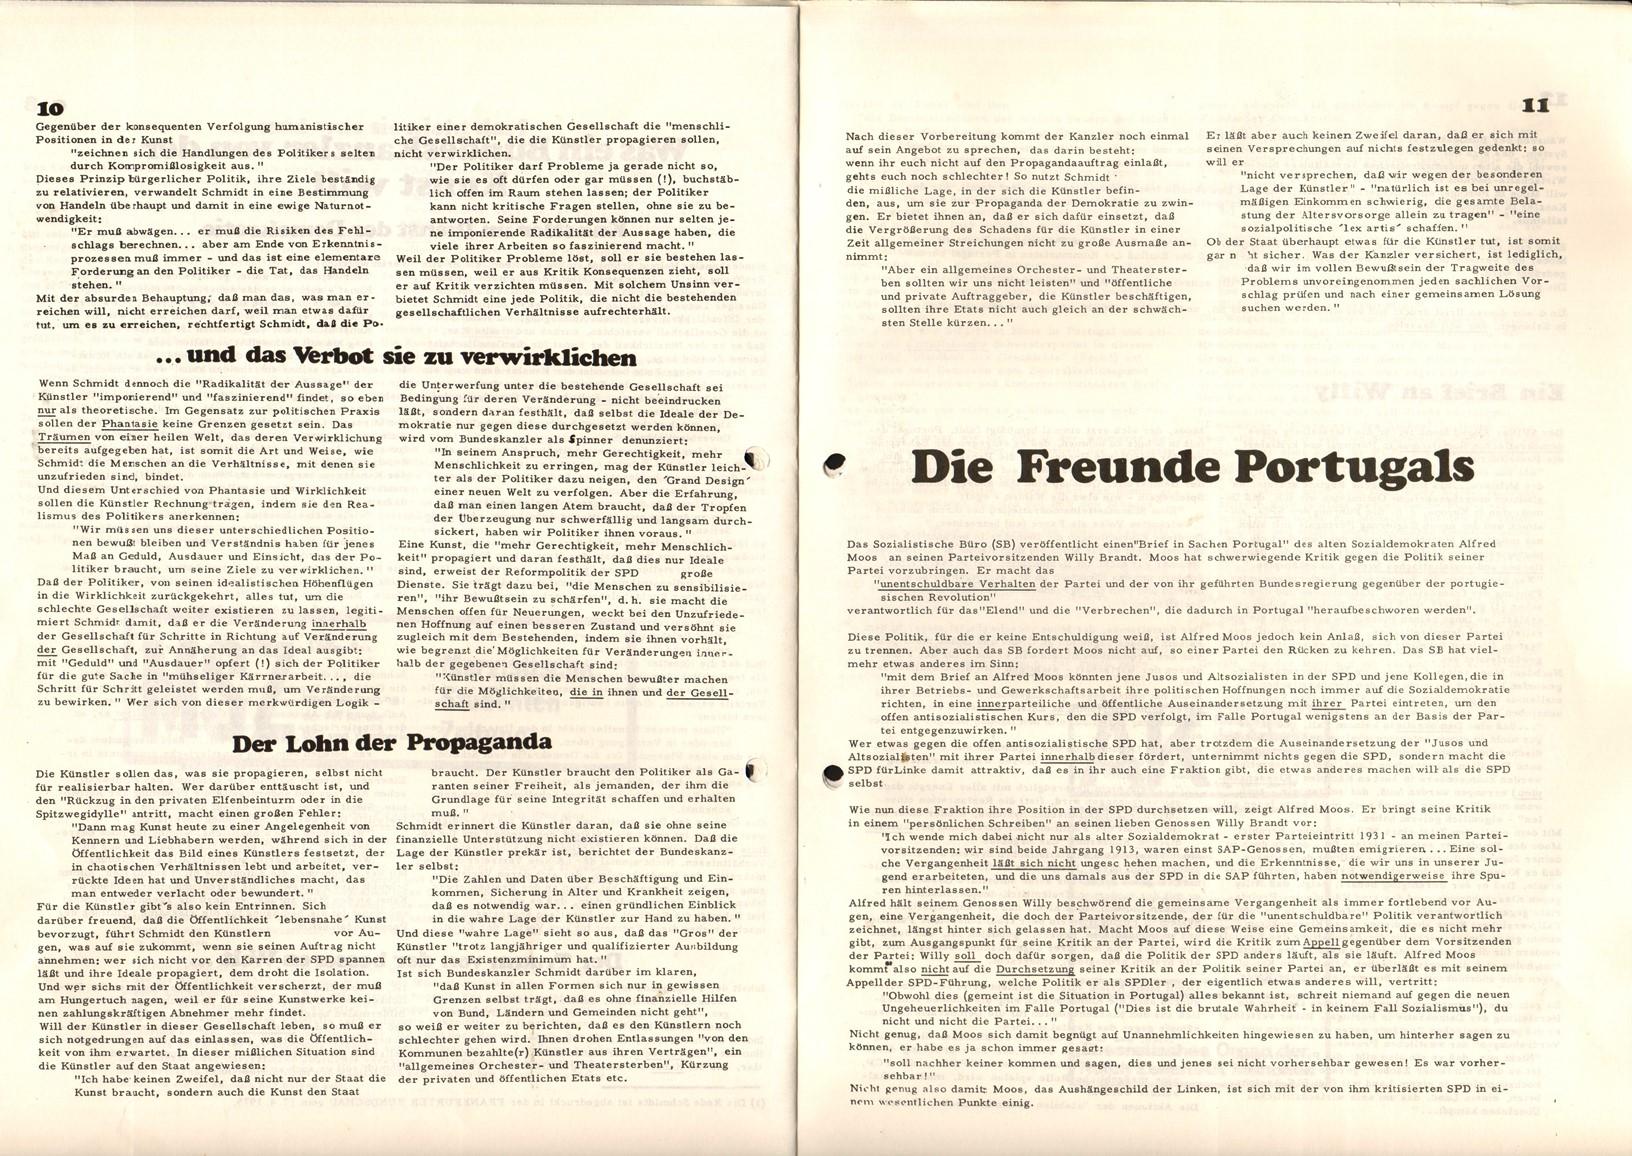 Muenchen_MG_FB_Sprach_Literaturwissenschaften_19751200_07